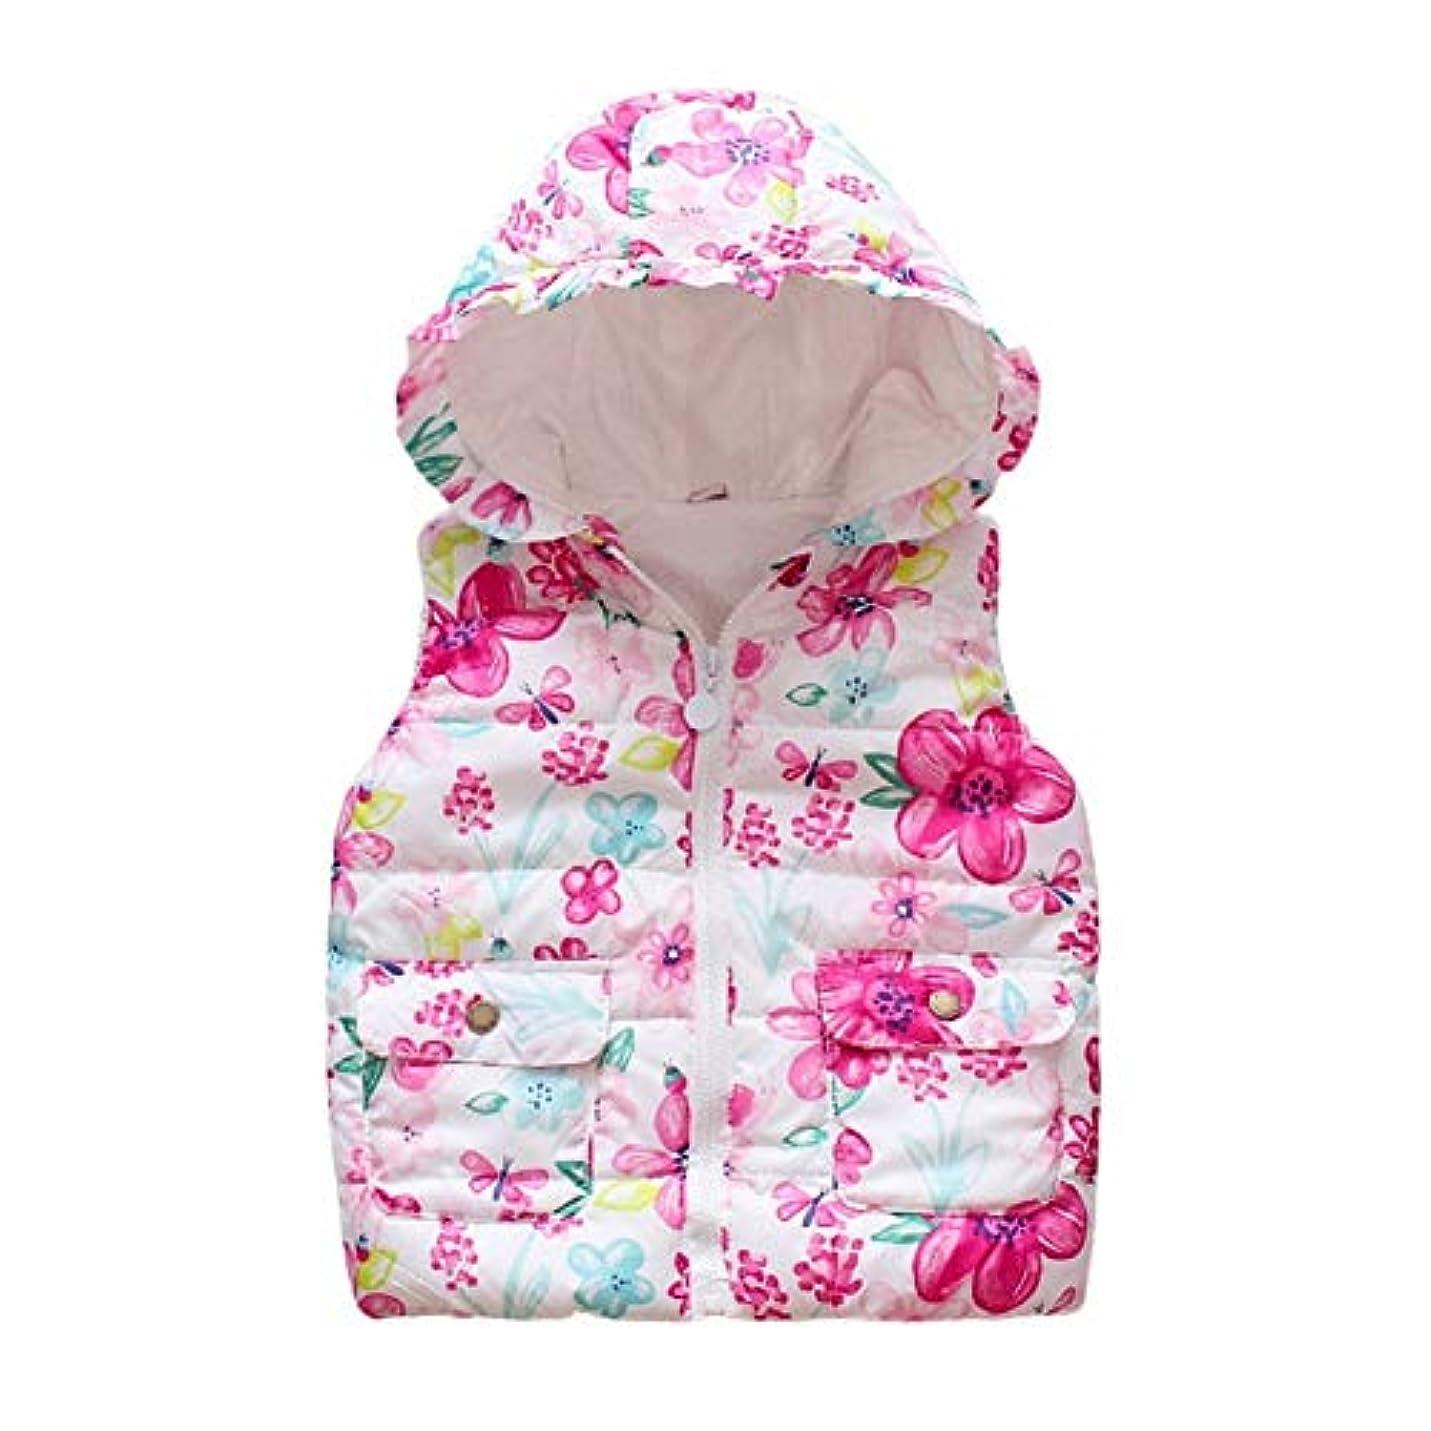 ジュース発言する準備YAYARUNKA キッズベスト 女の子 チョッキ 子供コート 袖なし フード付き 花柄 秋冬 お出かけ 保温 防風 防寒着 温かい